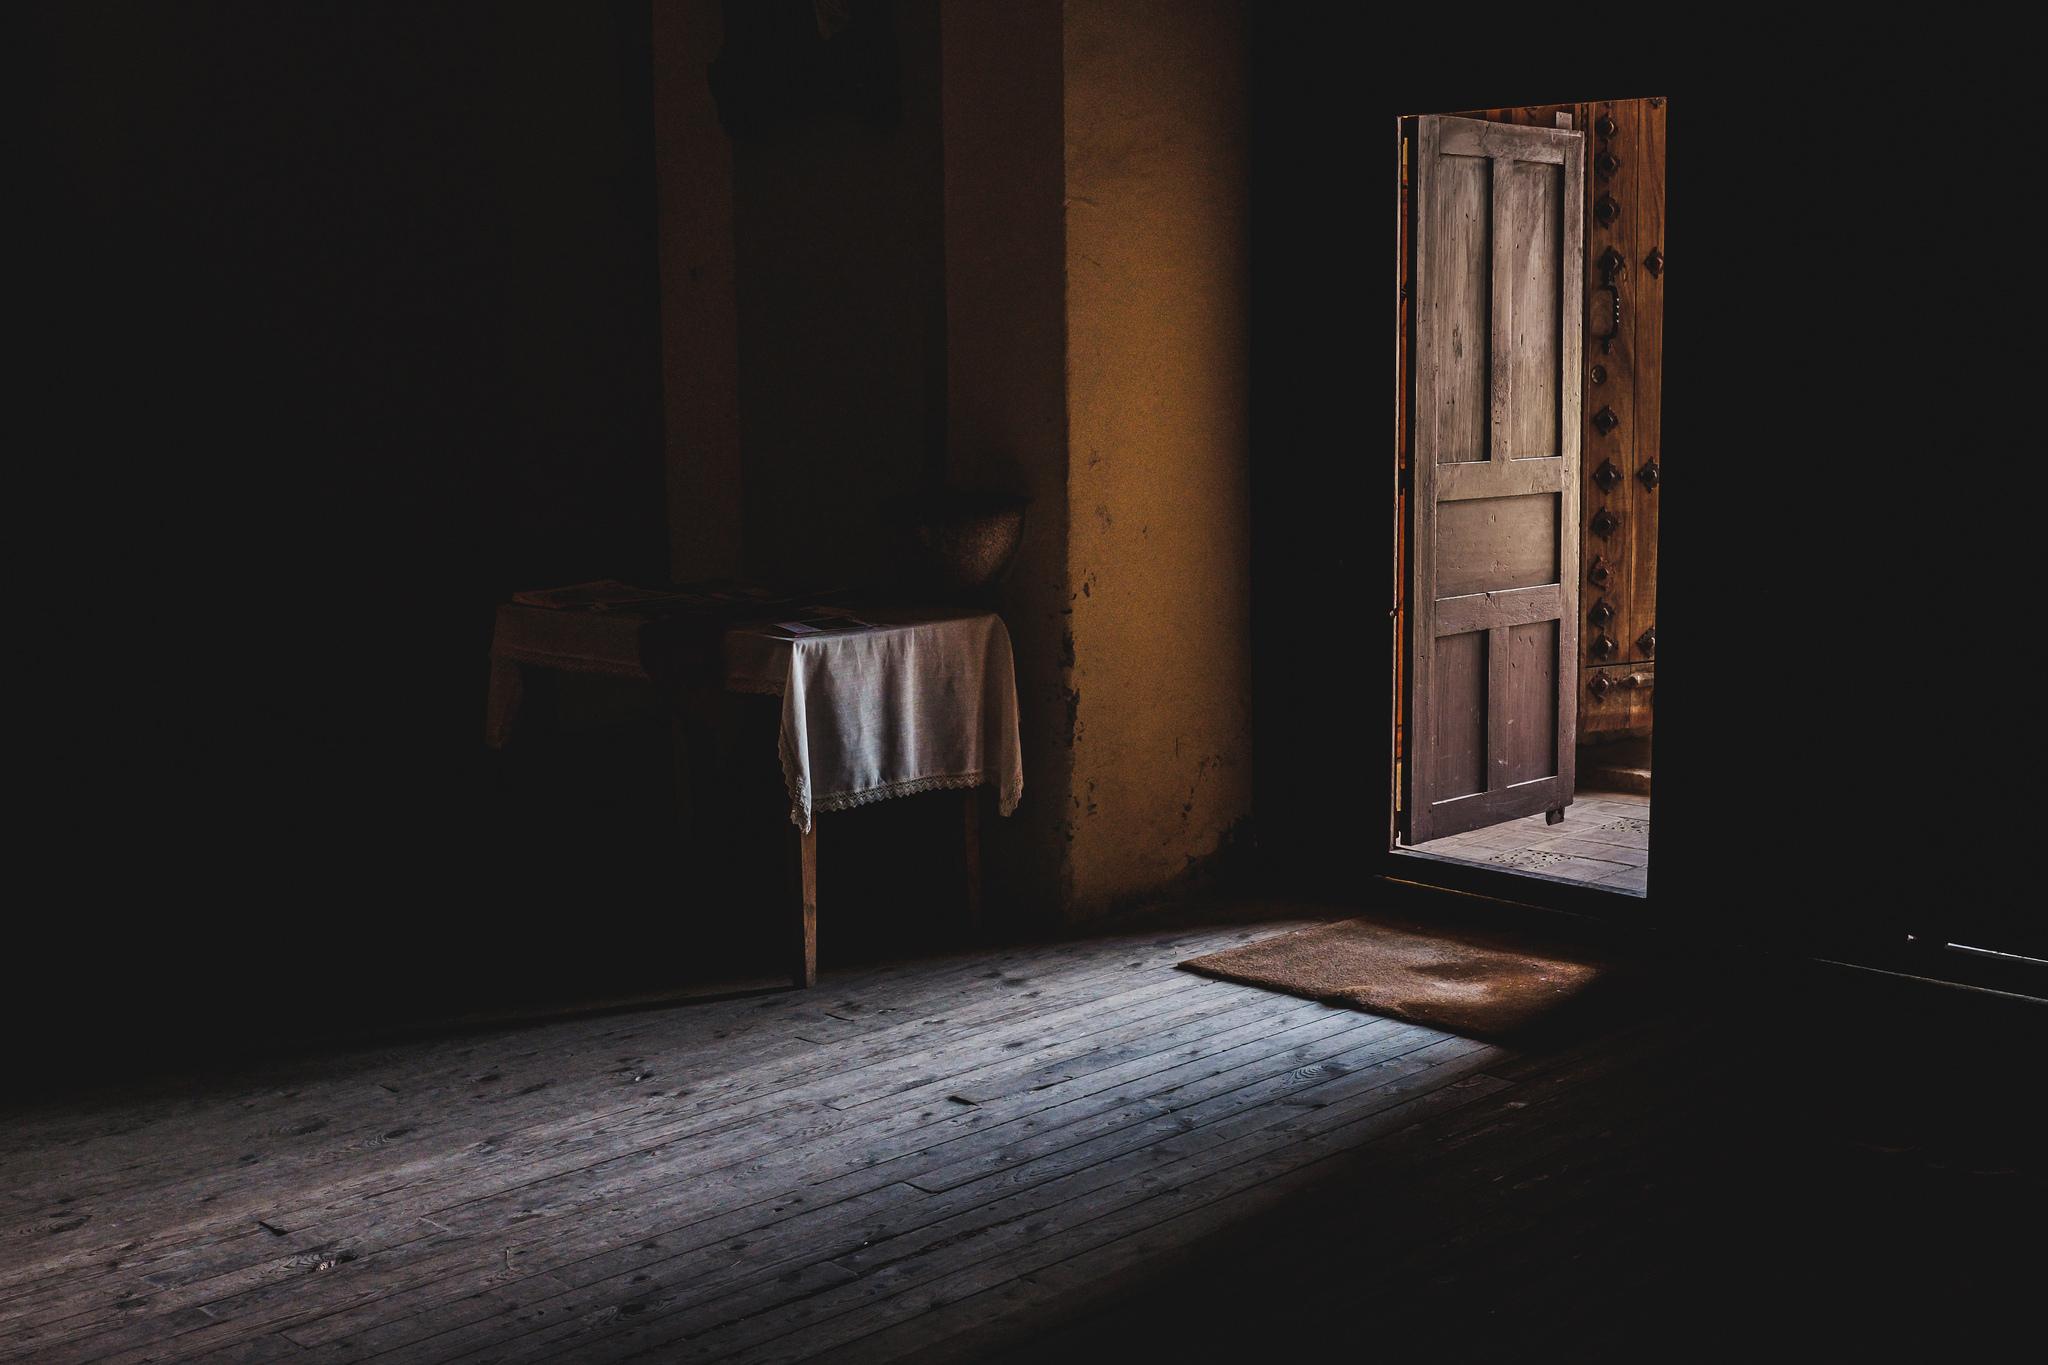 бросит беде картинки ночь открытых дверей галя раздвинула ножки